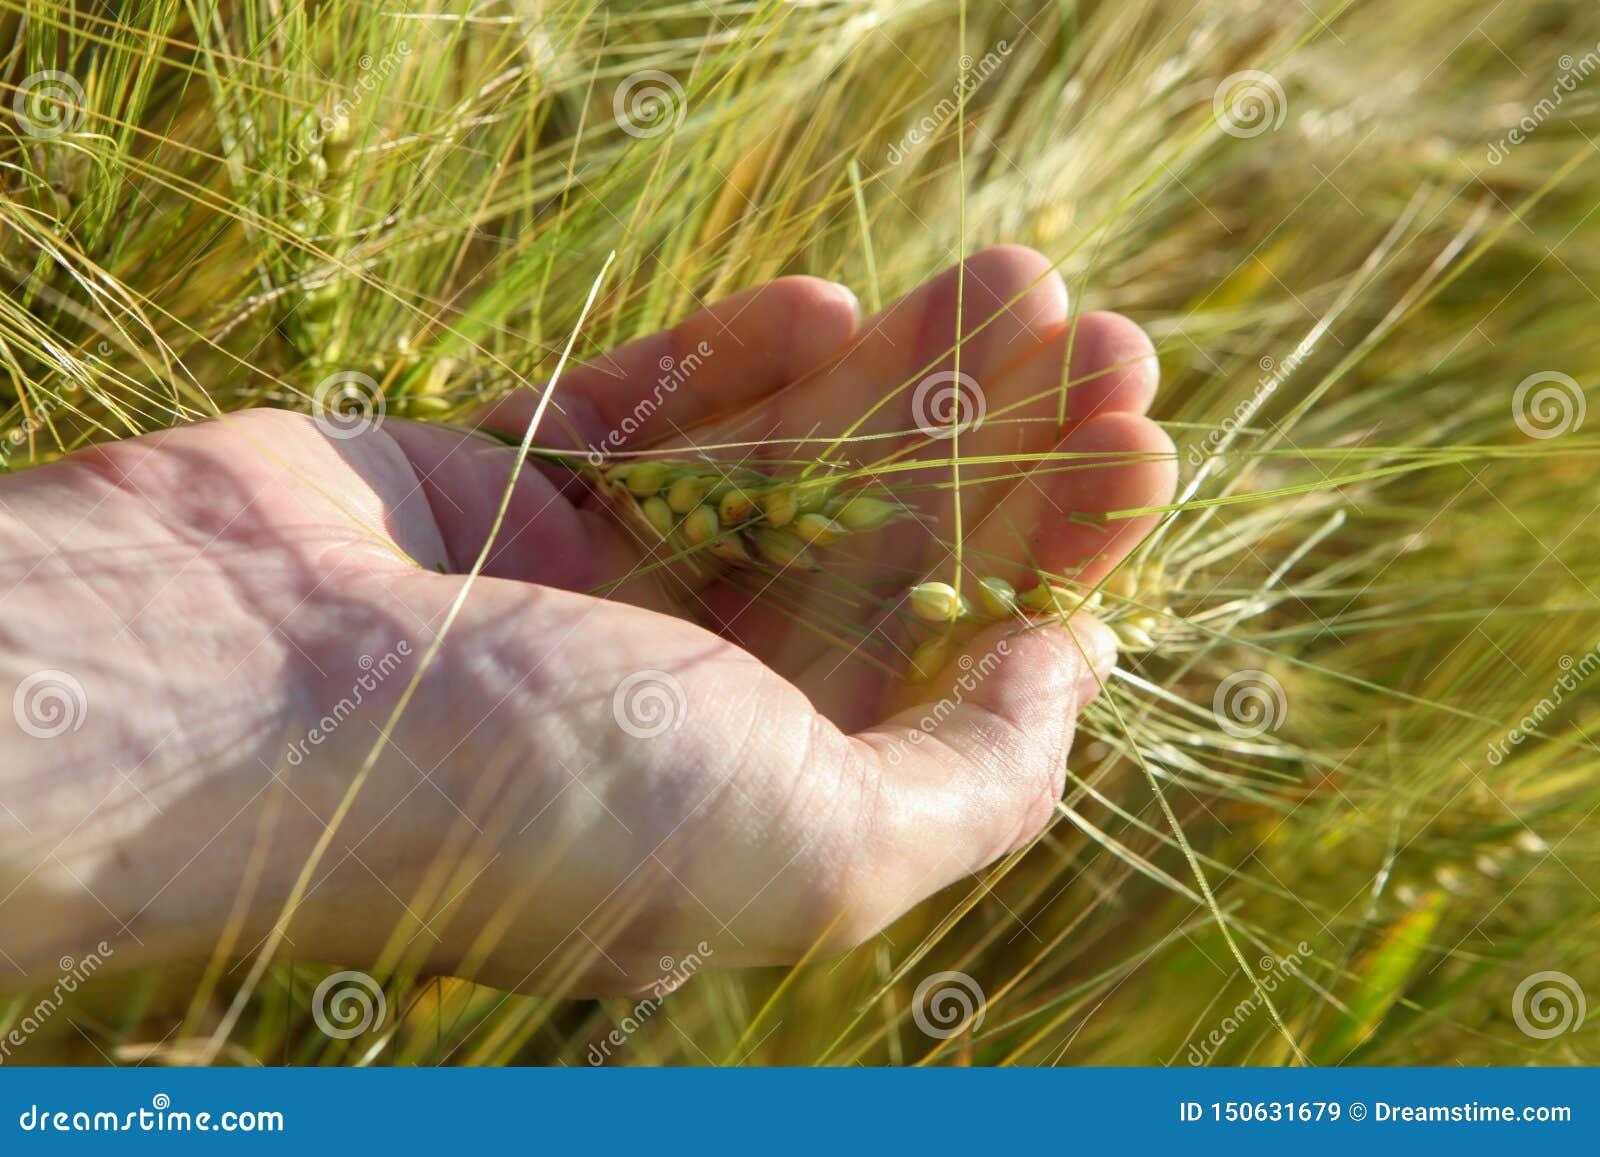 Пшеница в ладони в поле летом